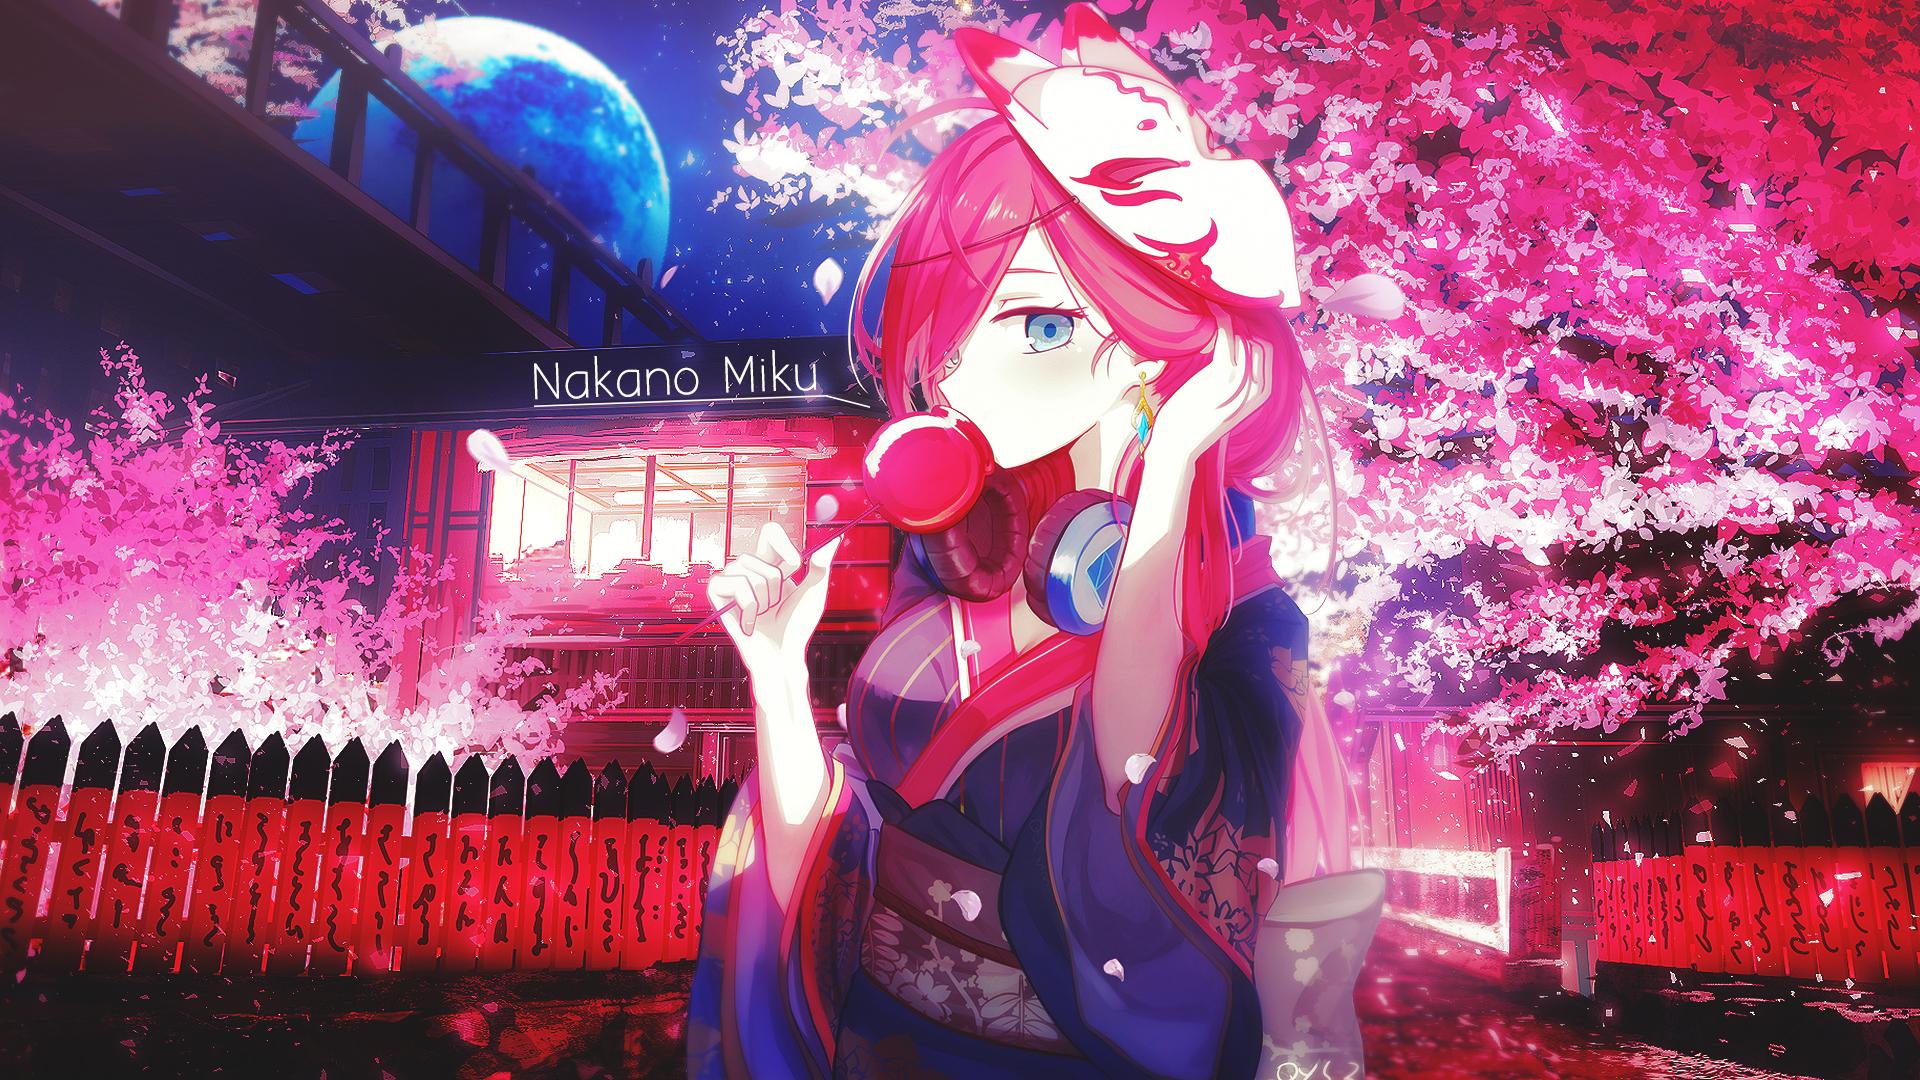 Nakano Miku - Gotoubun no Hanayome Wallpaper - Korigengi ...